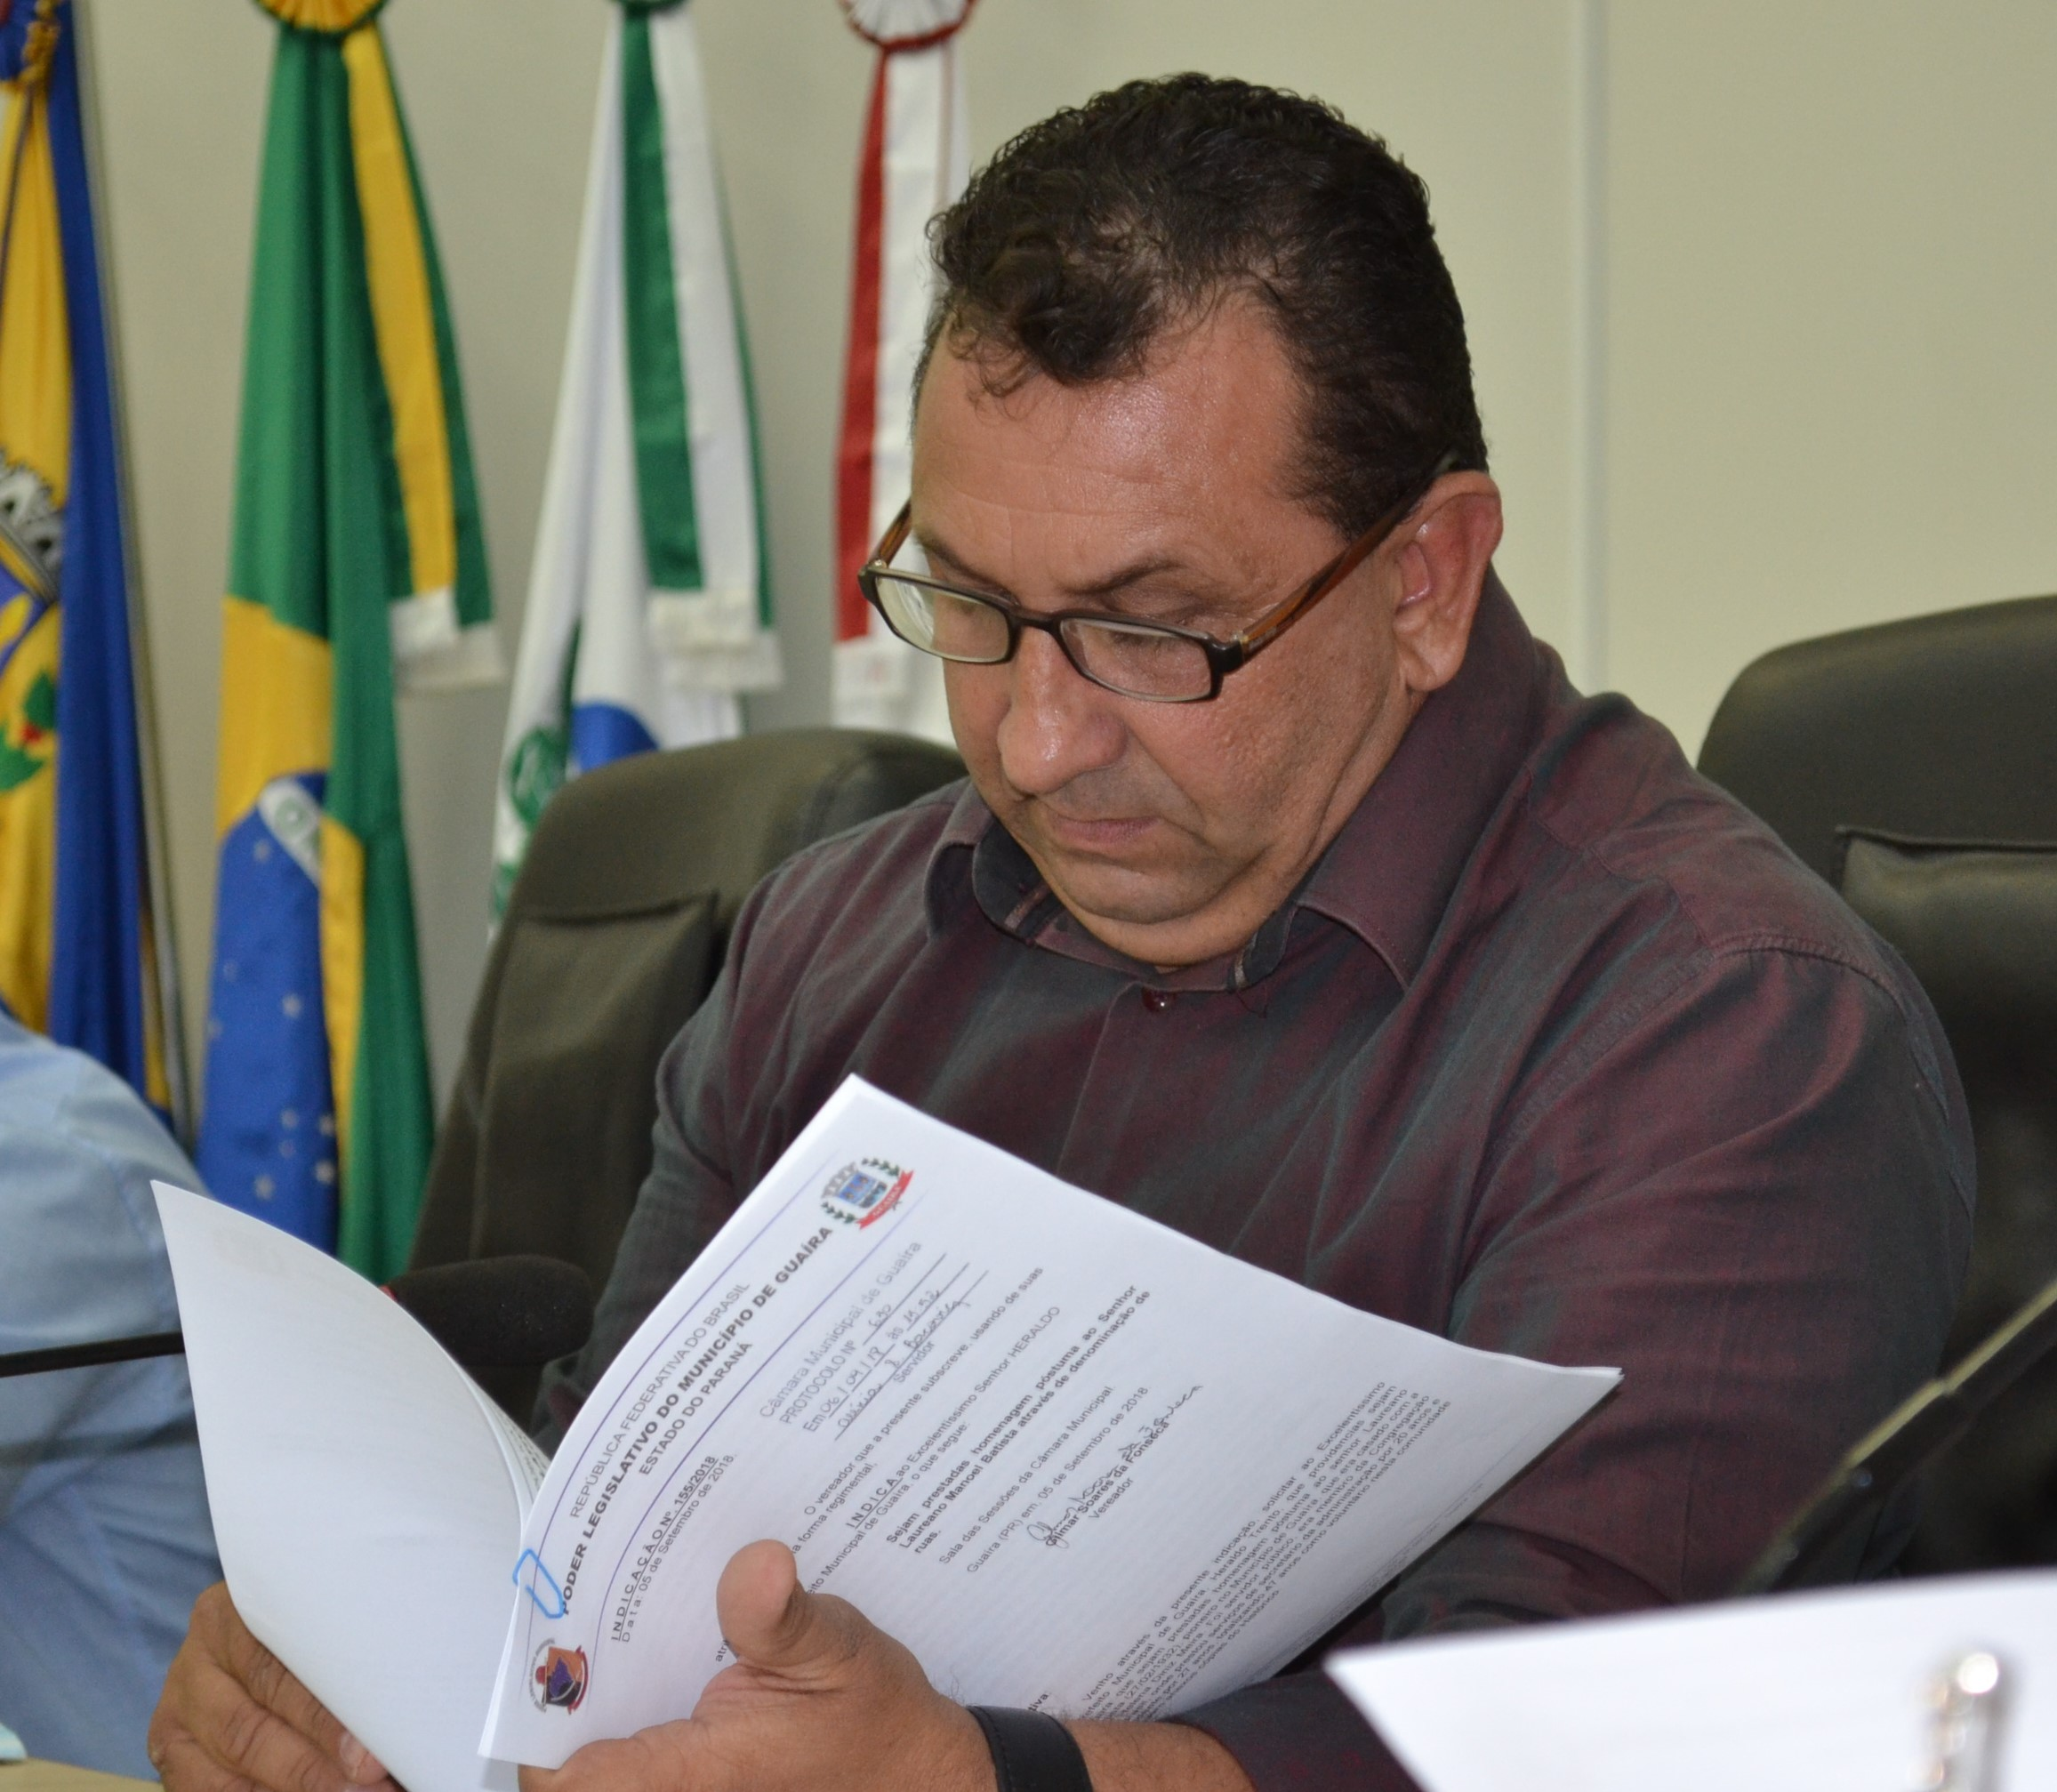 APÓS PUBLICAÇÃO DO RELATÓRIO DE DEMARCAÇÃO DE TERRAS EM DIÁRIO OFICIAL, O PRESIDENTE DA CÂMARA PEDE CALMA AOS GUAIRENSES